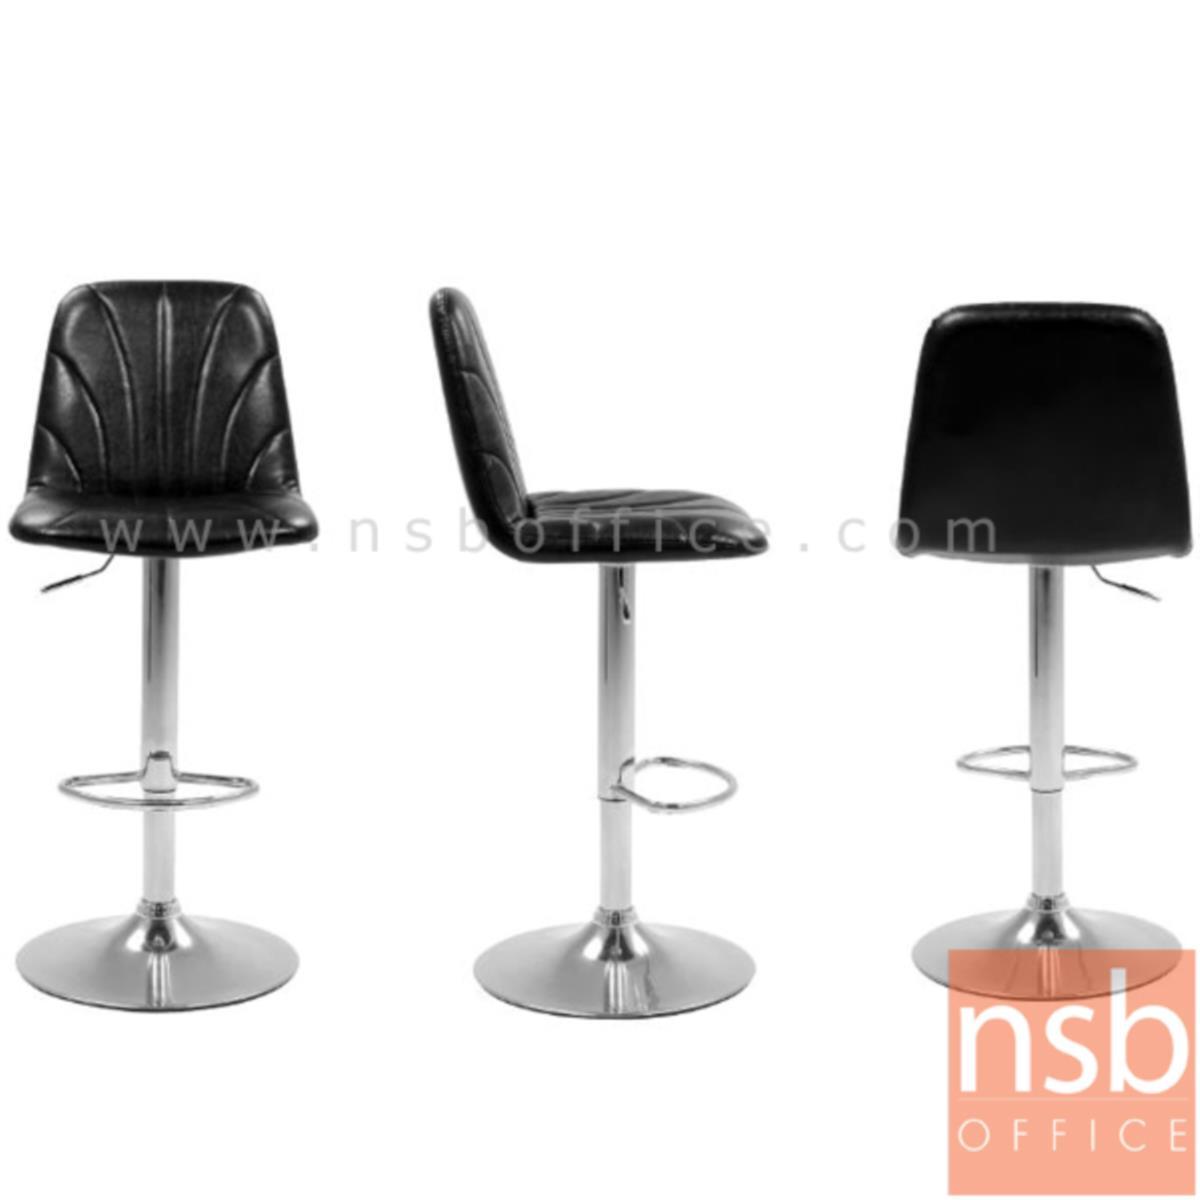 เก้าอี้บาร์สูงหนัง PU BY-CAST รุ่น BHS-2671  ขนาด 47W cm. โช๊คแก๊ส ขาโครเมี่ยมฐานจานกลม